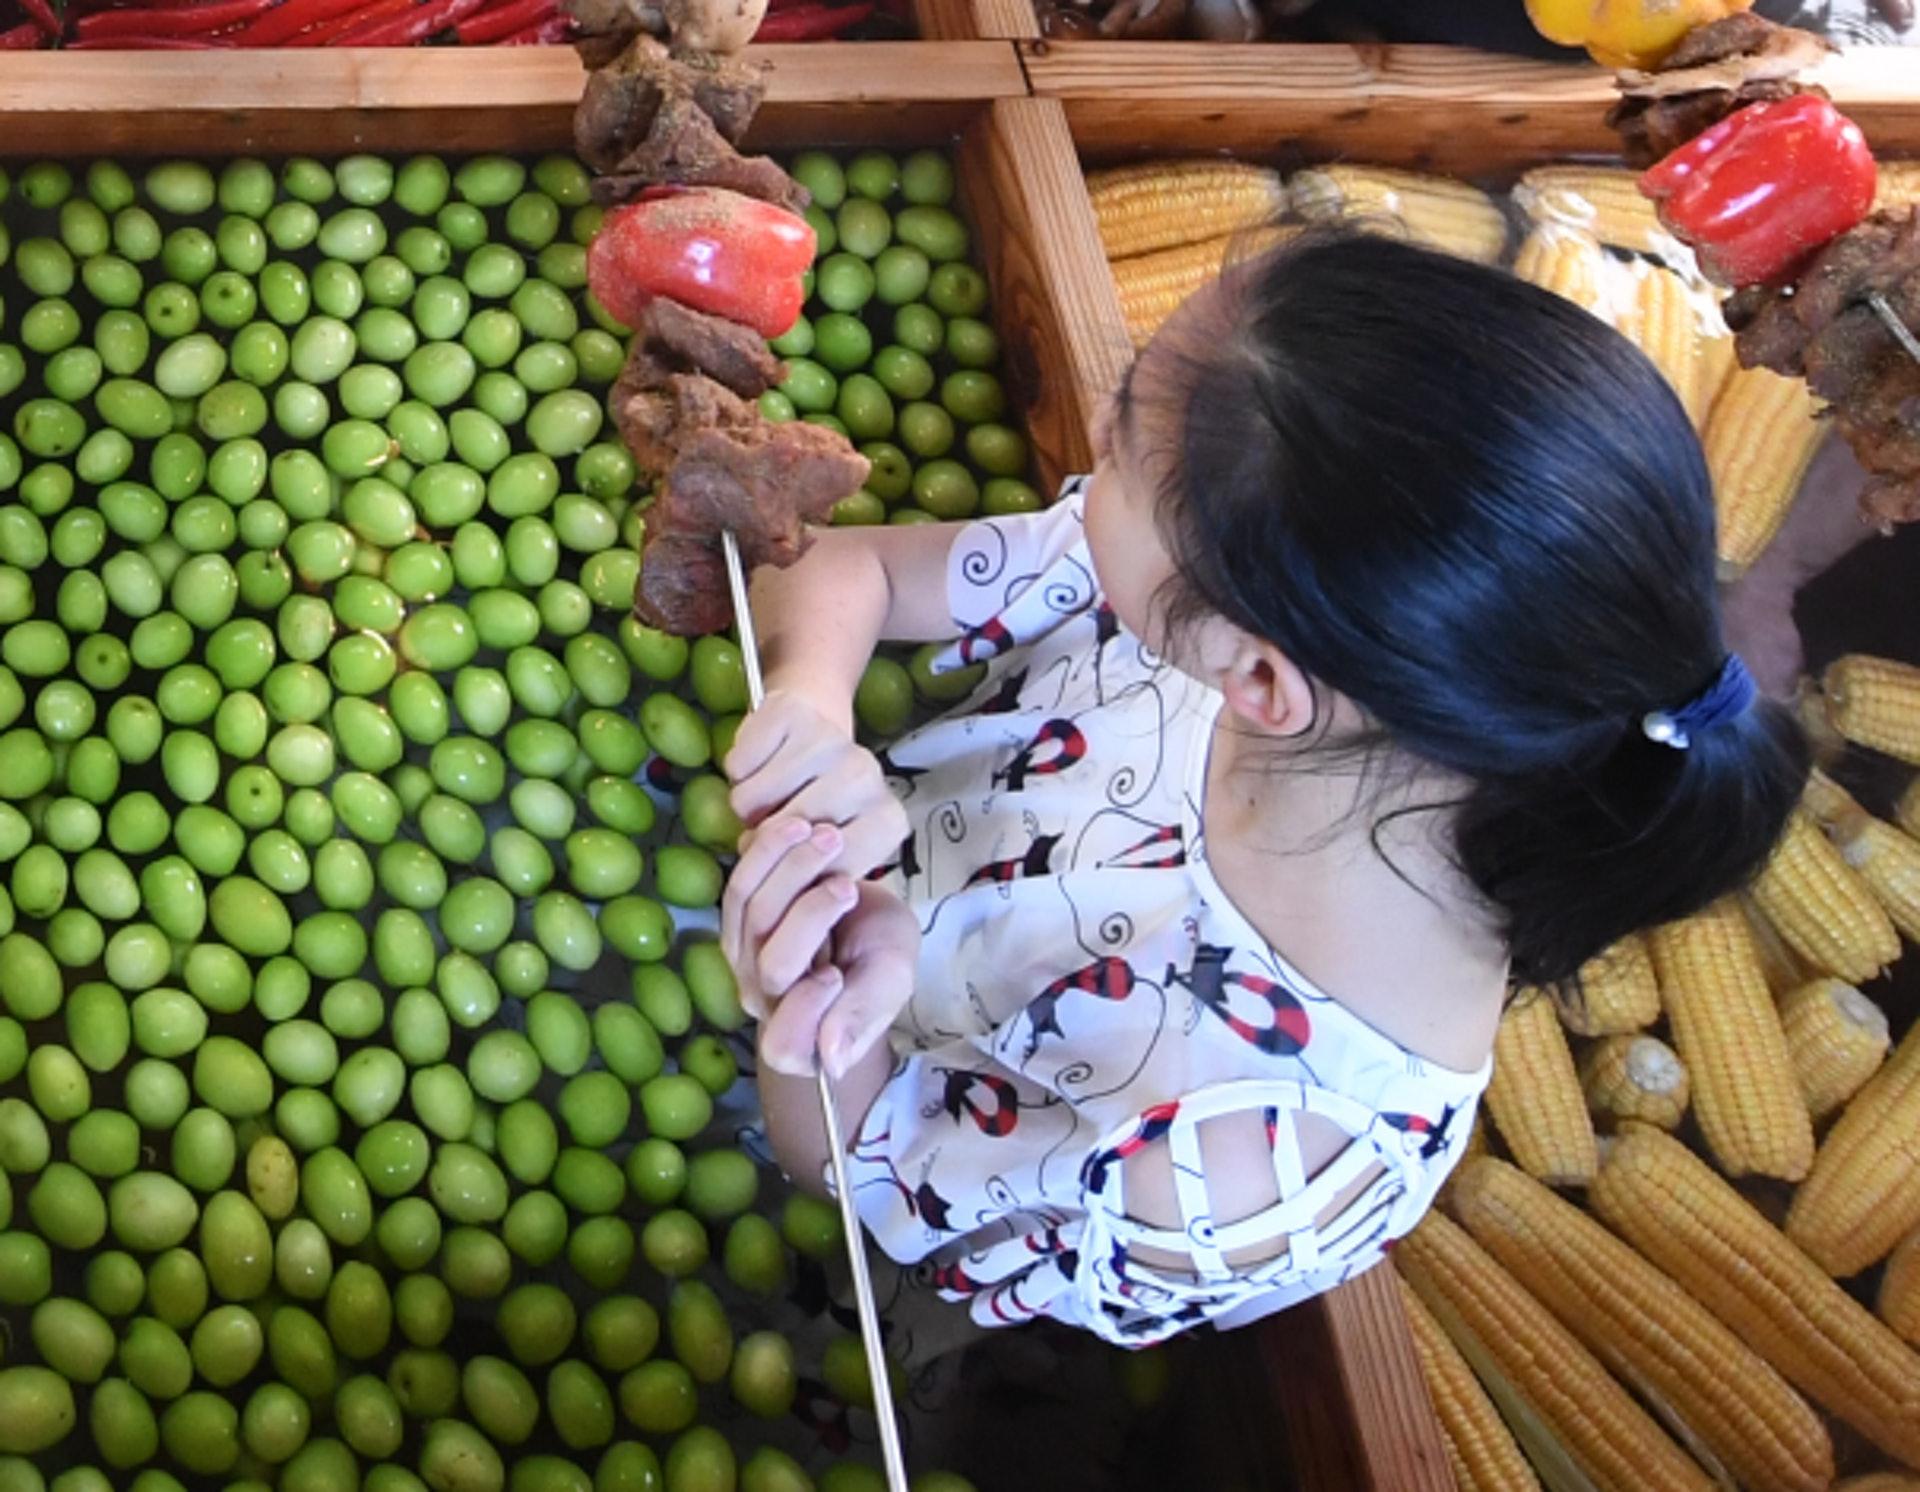 為迎接豬年,有杭州酒店推出九宮格火鍋溫泉,每格火鍋放滿辣椒、生菜、番茄、金桔、青棗、蘋果、粟米、香蕉、菇菌等9種蔬果。(網上圖片)